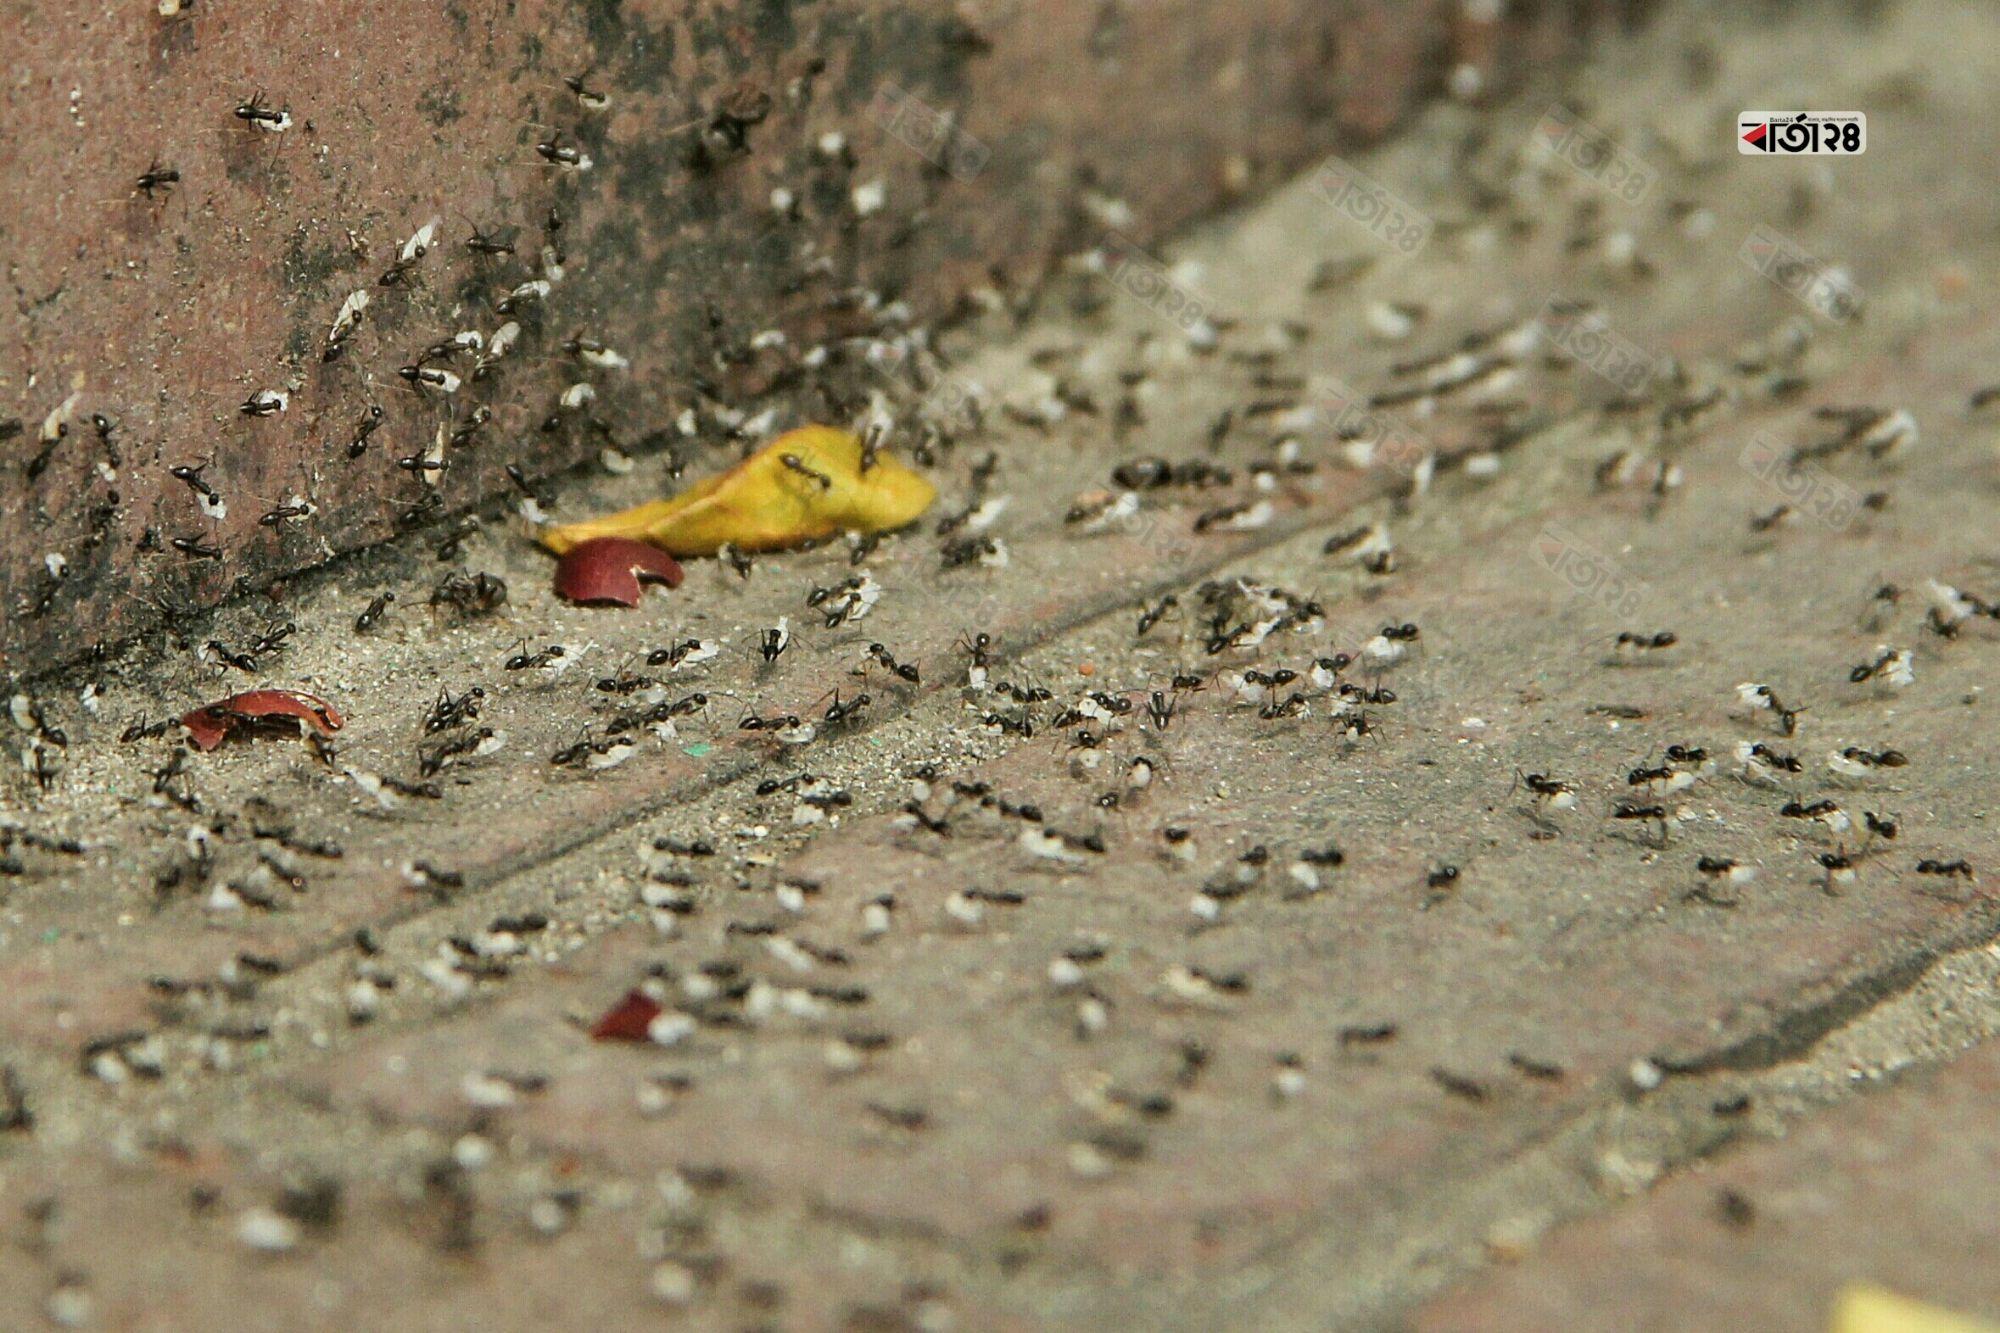 মুখে করে খাবার নিয়ে যেতে ব্যস্ত কালো পিঁপড়ার দল। ছবি : সুমন শেখ